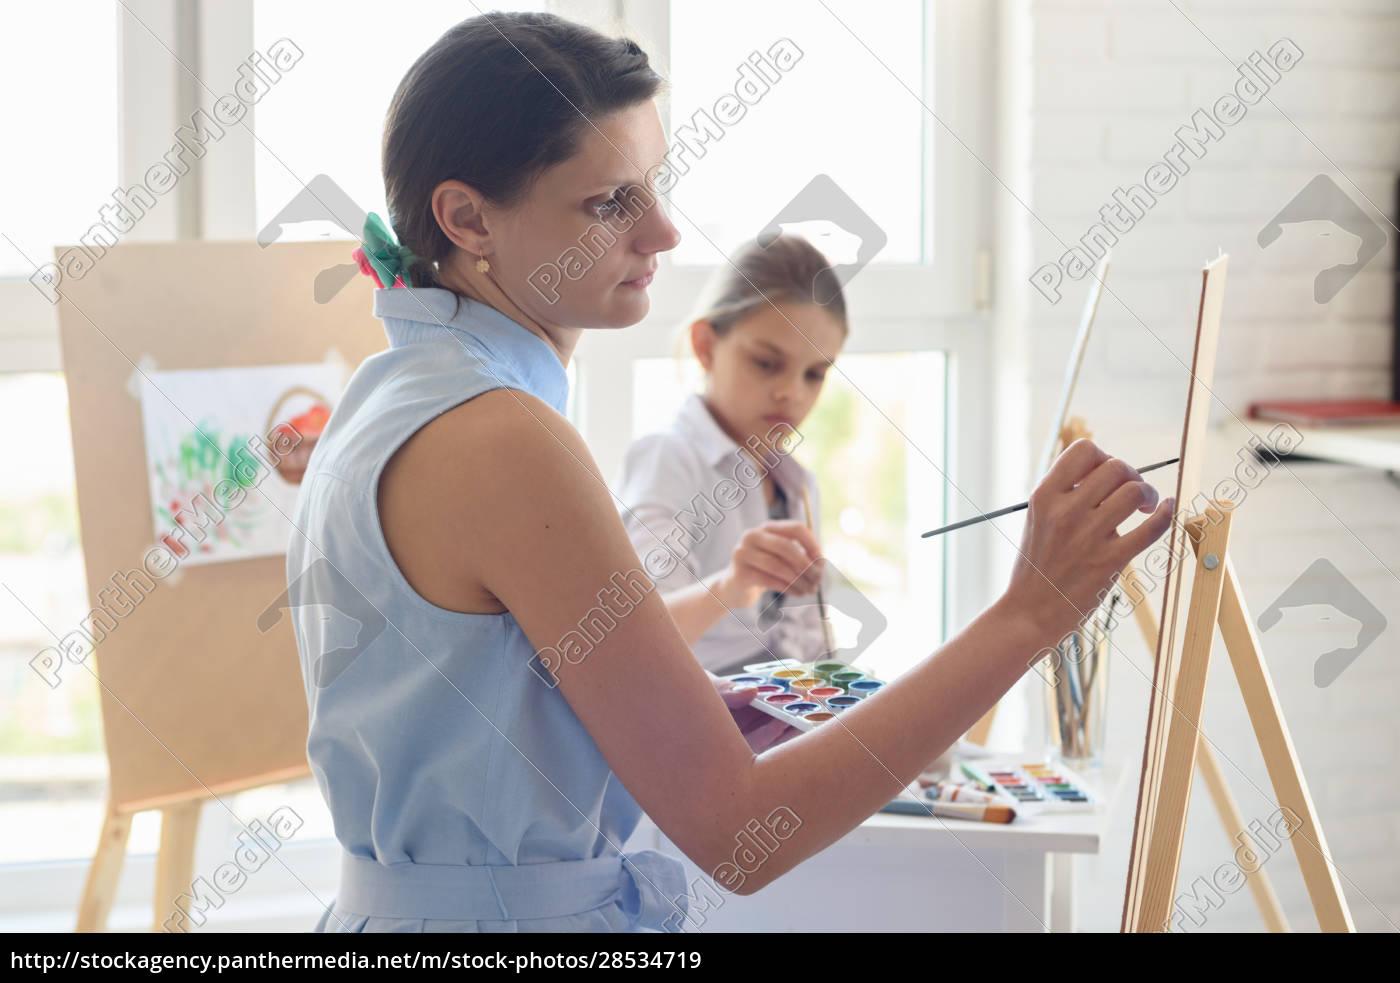 artist, teaches, children, to, draw, on - 28534719